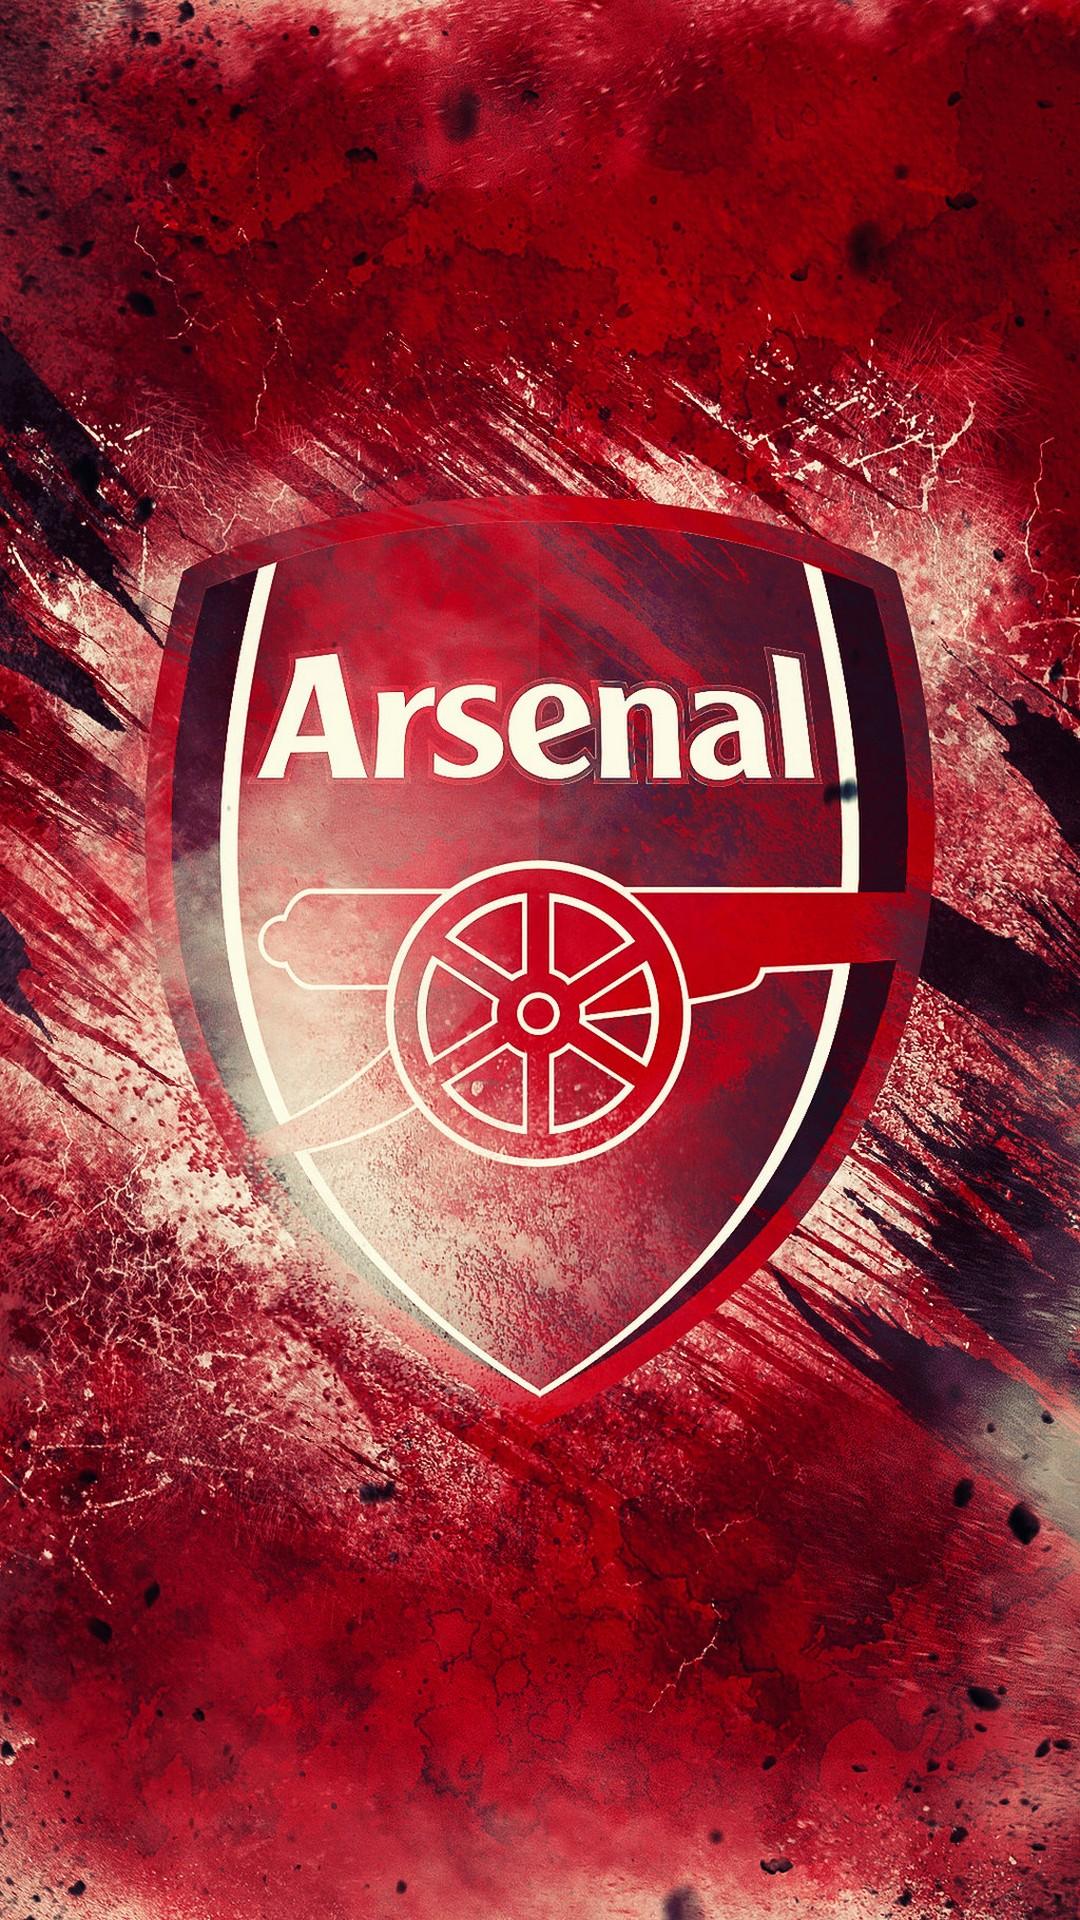 Arsenal iPhone Wallpaper HD 2019 3D iPhone Wallpaper 1080x1920